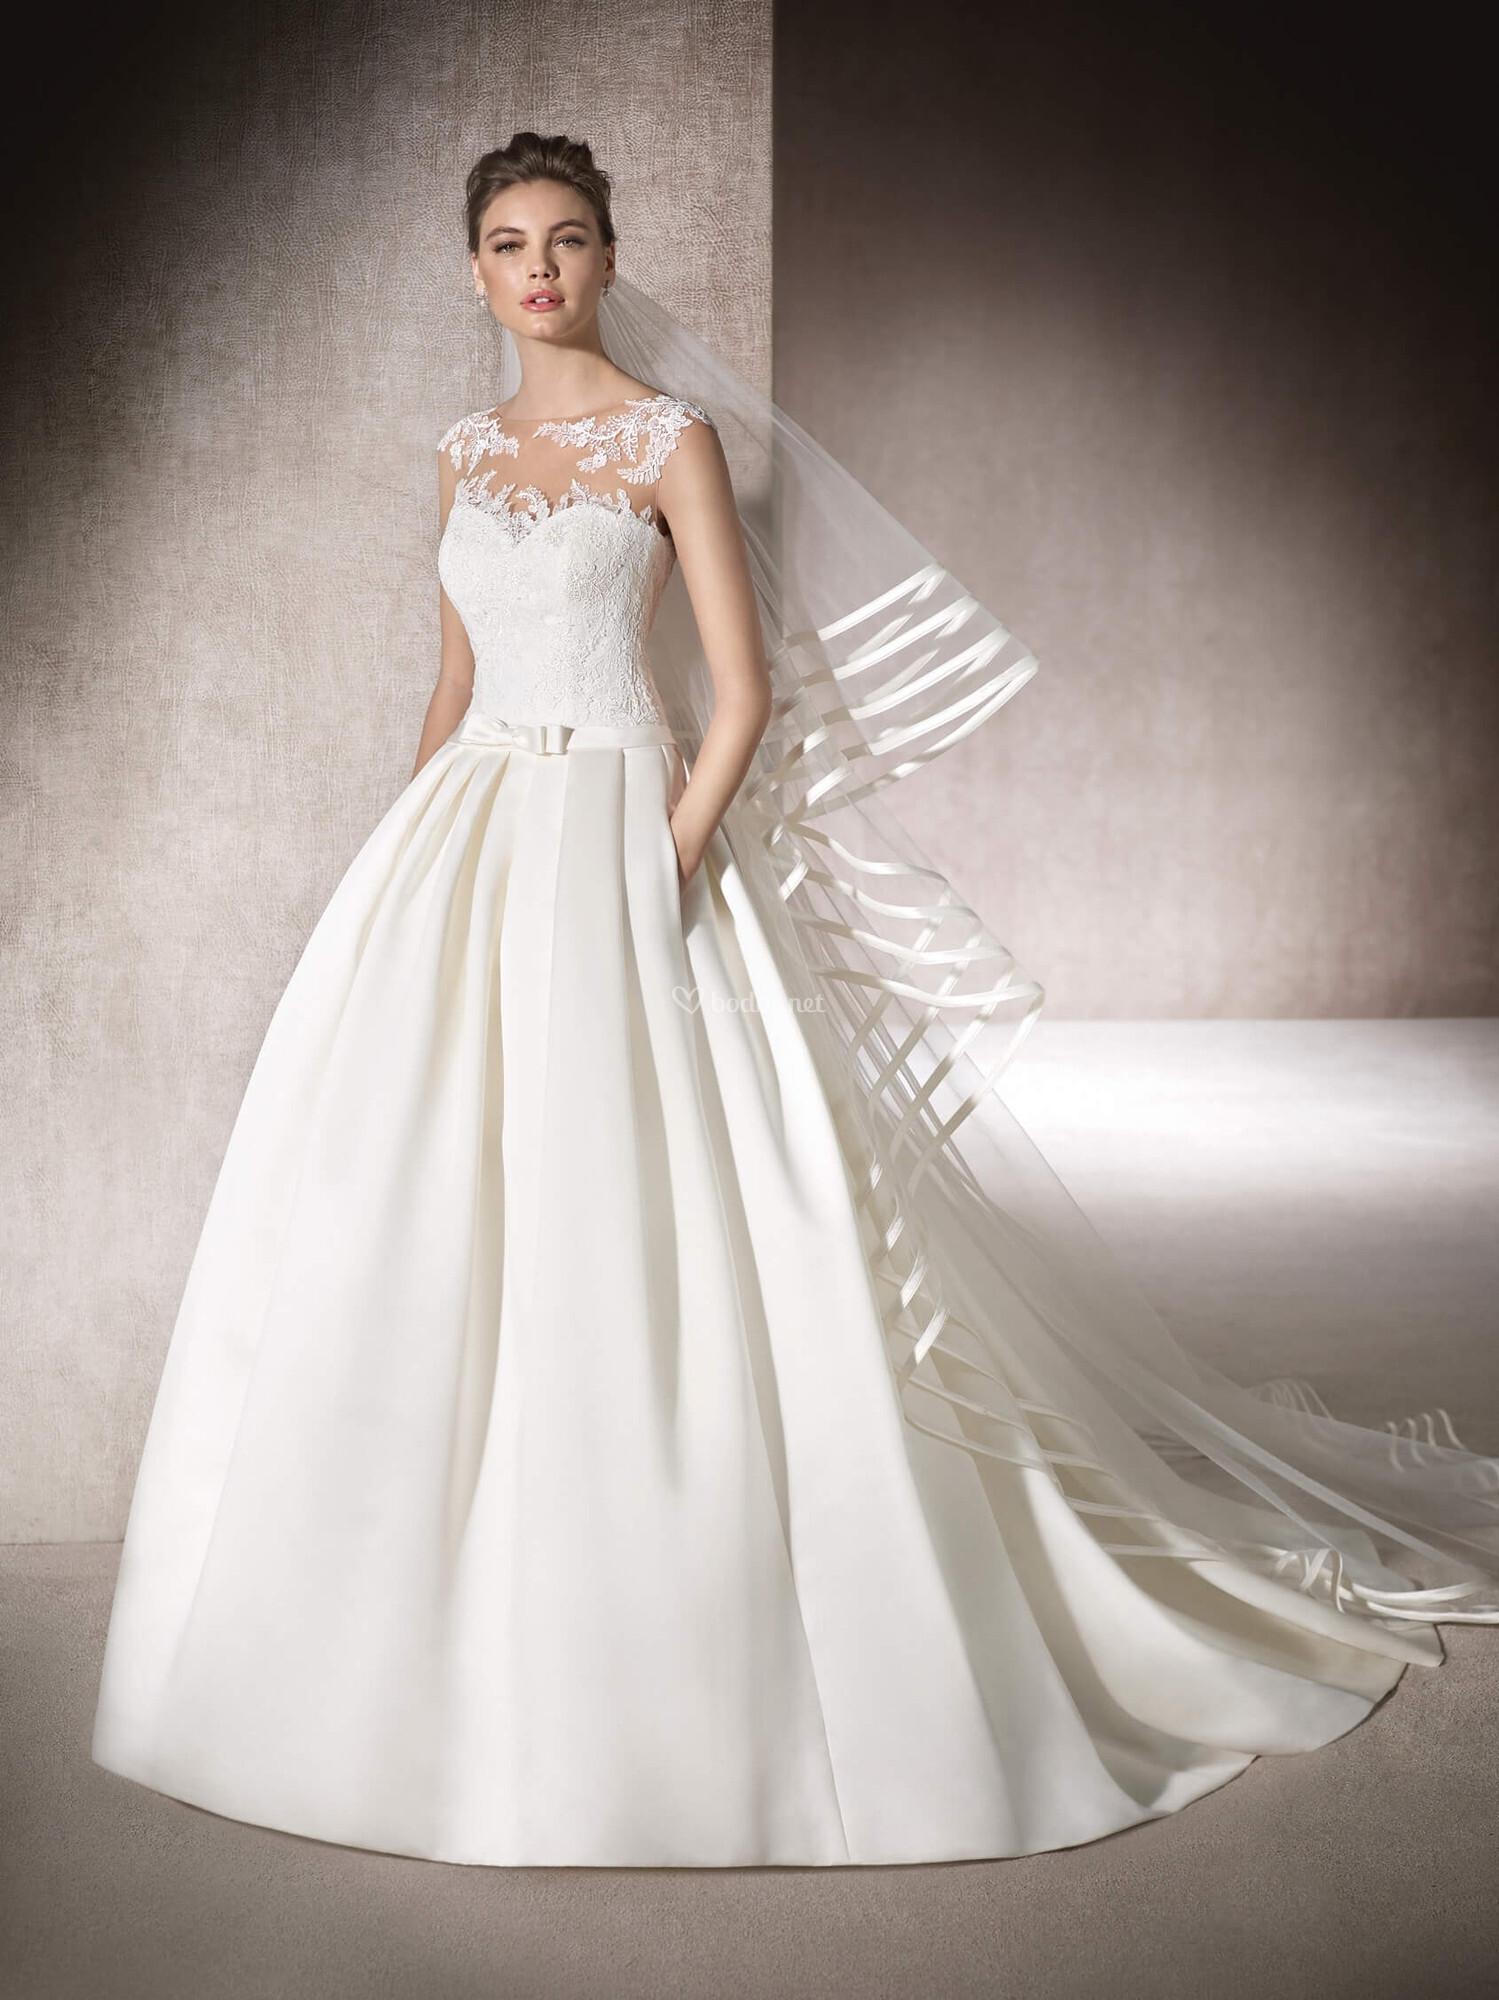 413326225 Vestido de Novia de St. Patrick - myrna